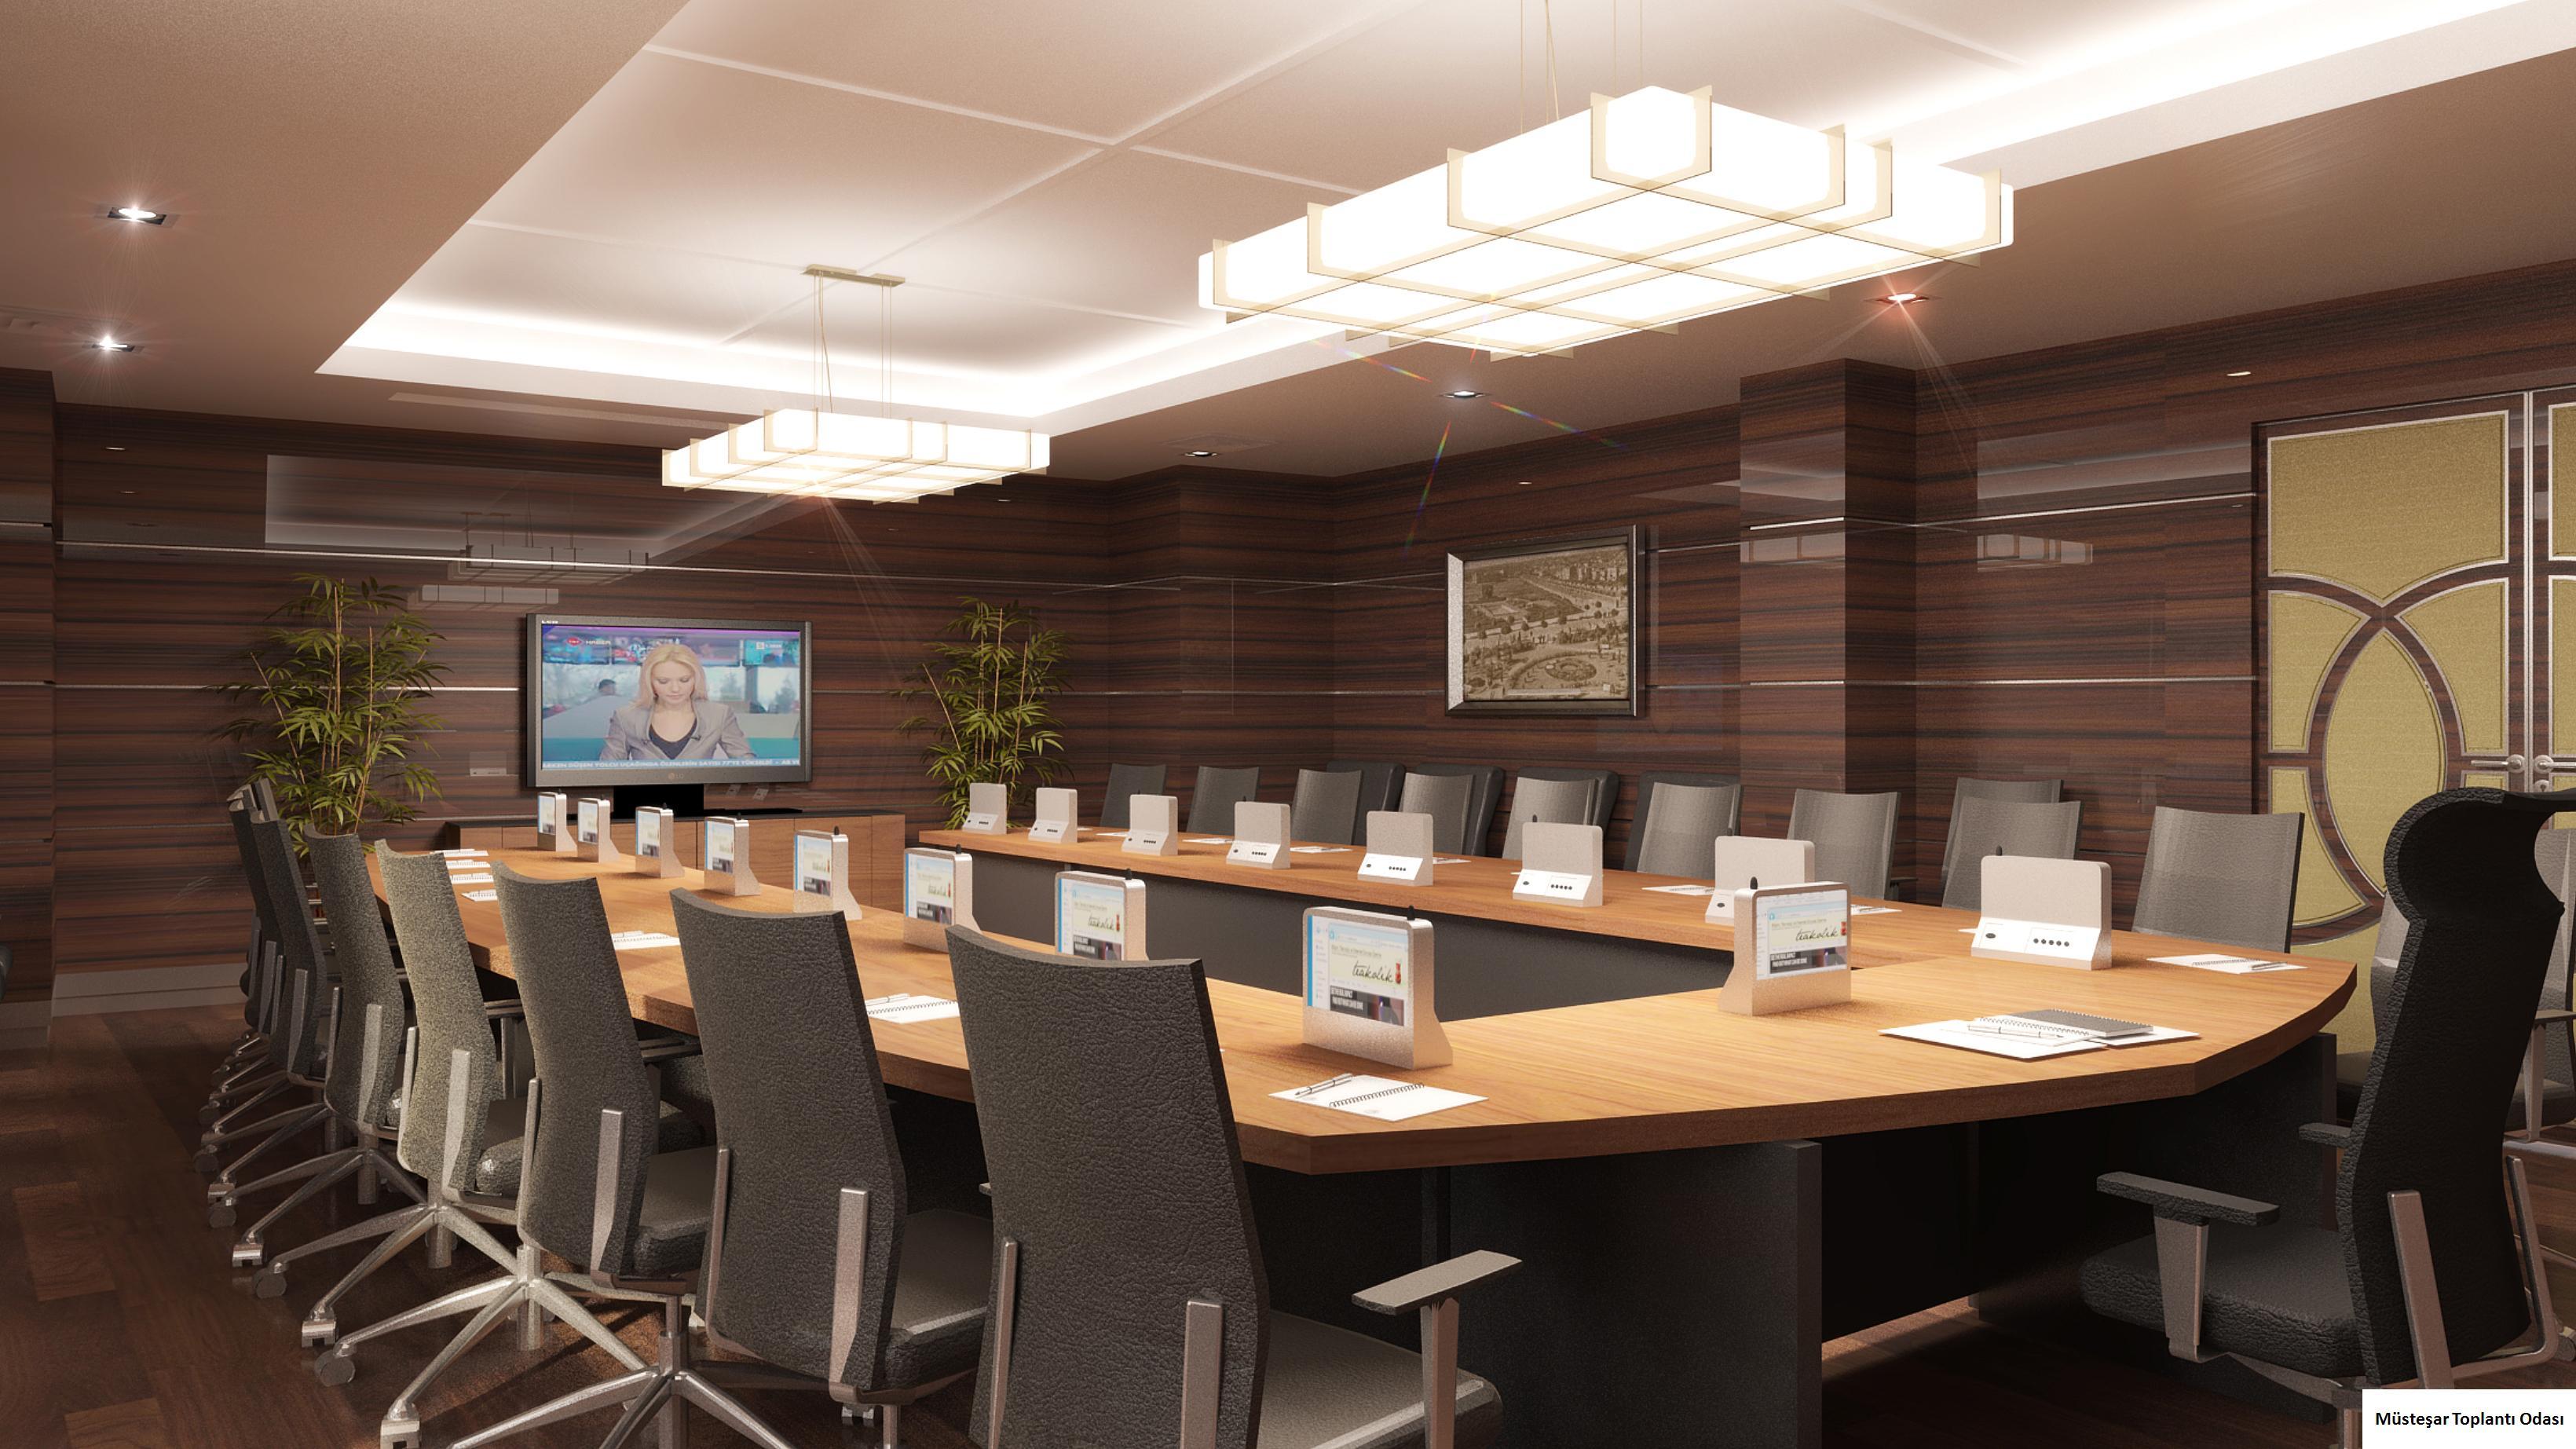 Müsteşar Toplantı Odası 1